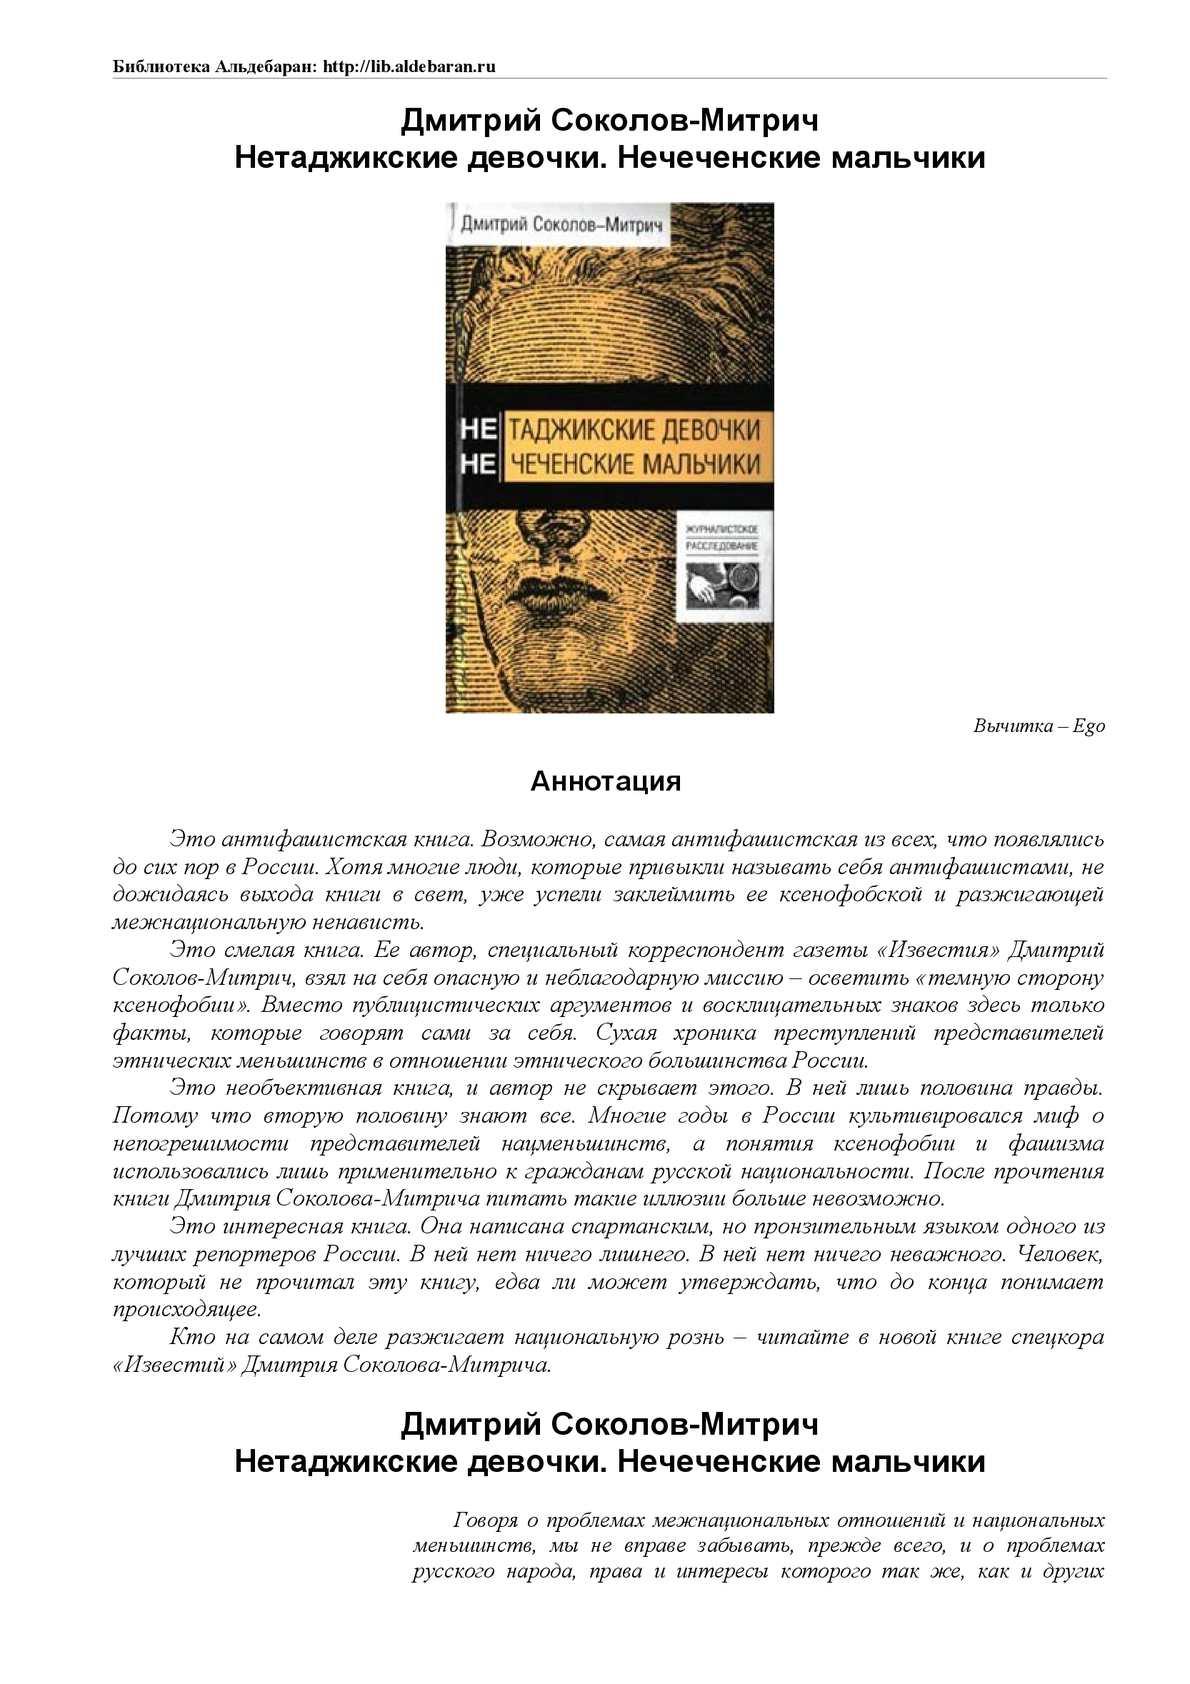 Трудовой договор для фмс в москве Рощинский 5-й проезд пакет документов который предоставляется лицом для получения кредита